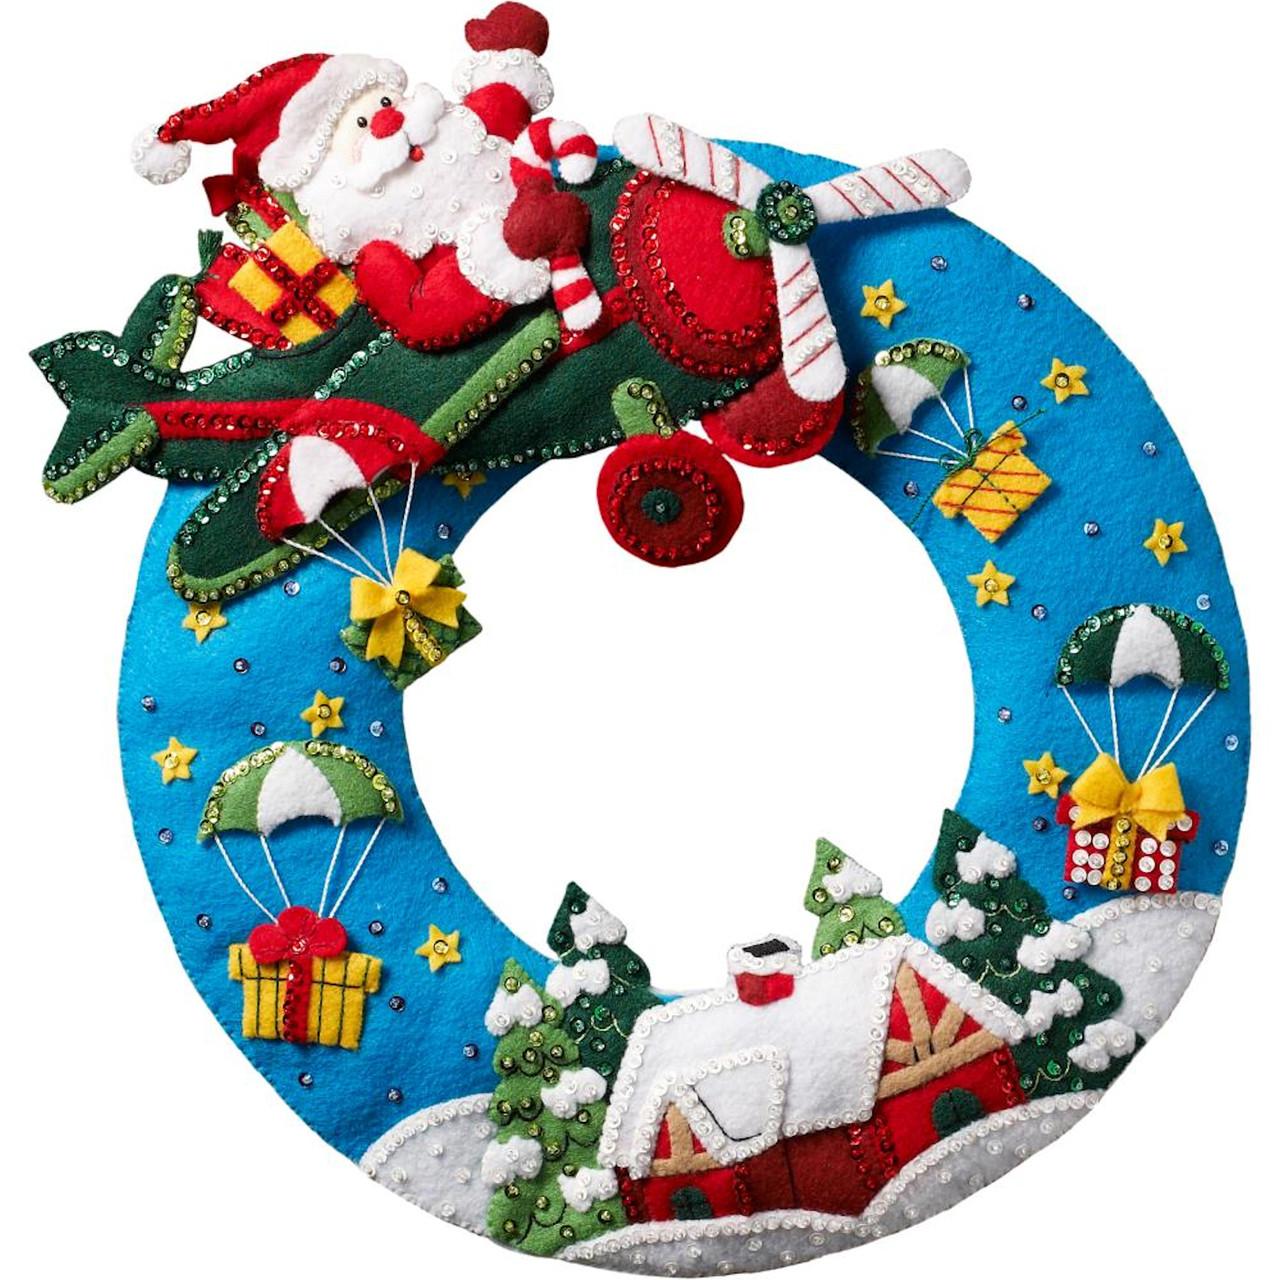 Plaid / Bucilla - Airplane Santa Wreath